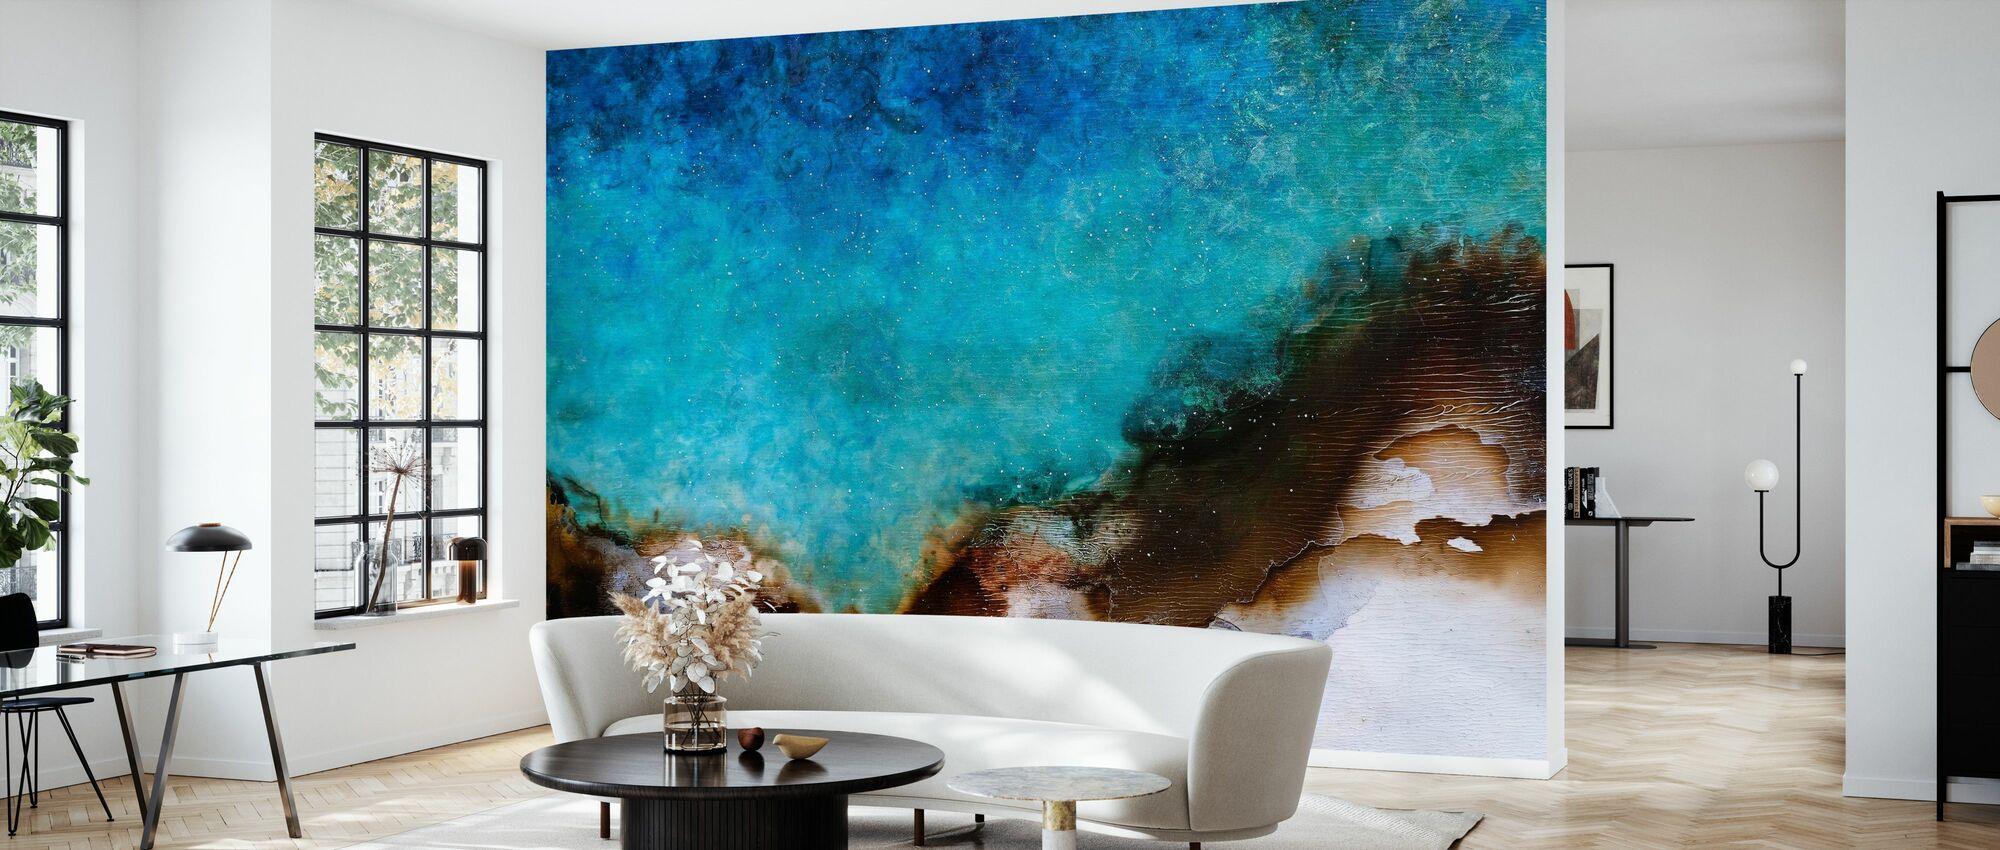 Illusium - Wallpaper - Living Room